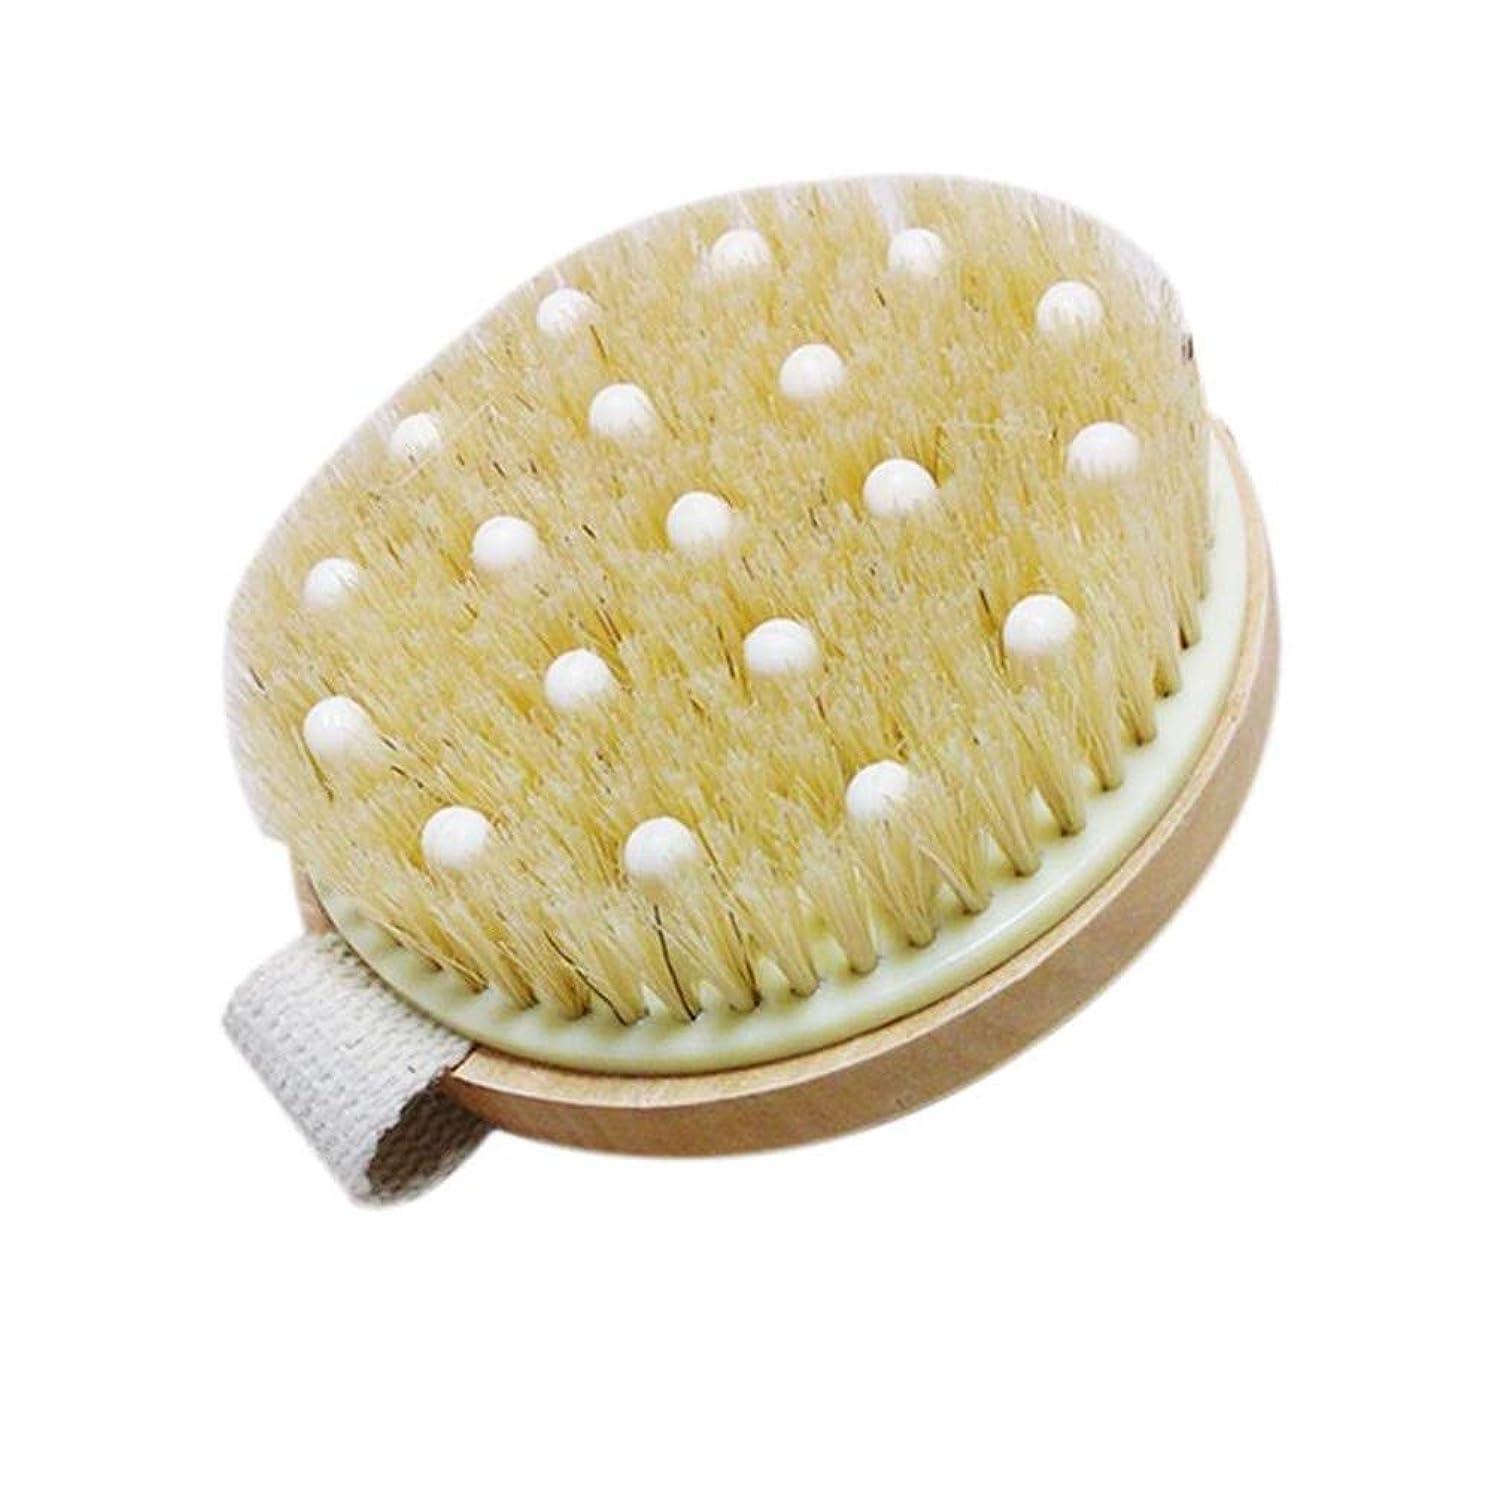 褒賞基礎理論予算YMBJGSXYS 浴室のシャワーの剛毛はバンド木のシャワーボディ浴室のブラシが付いているボディ?ブラシにブラシをかけます